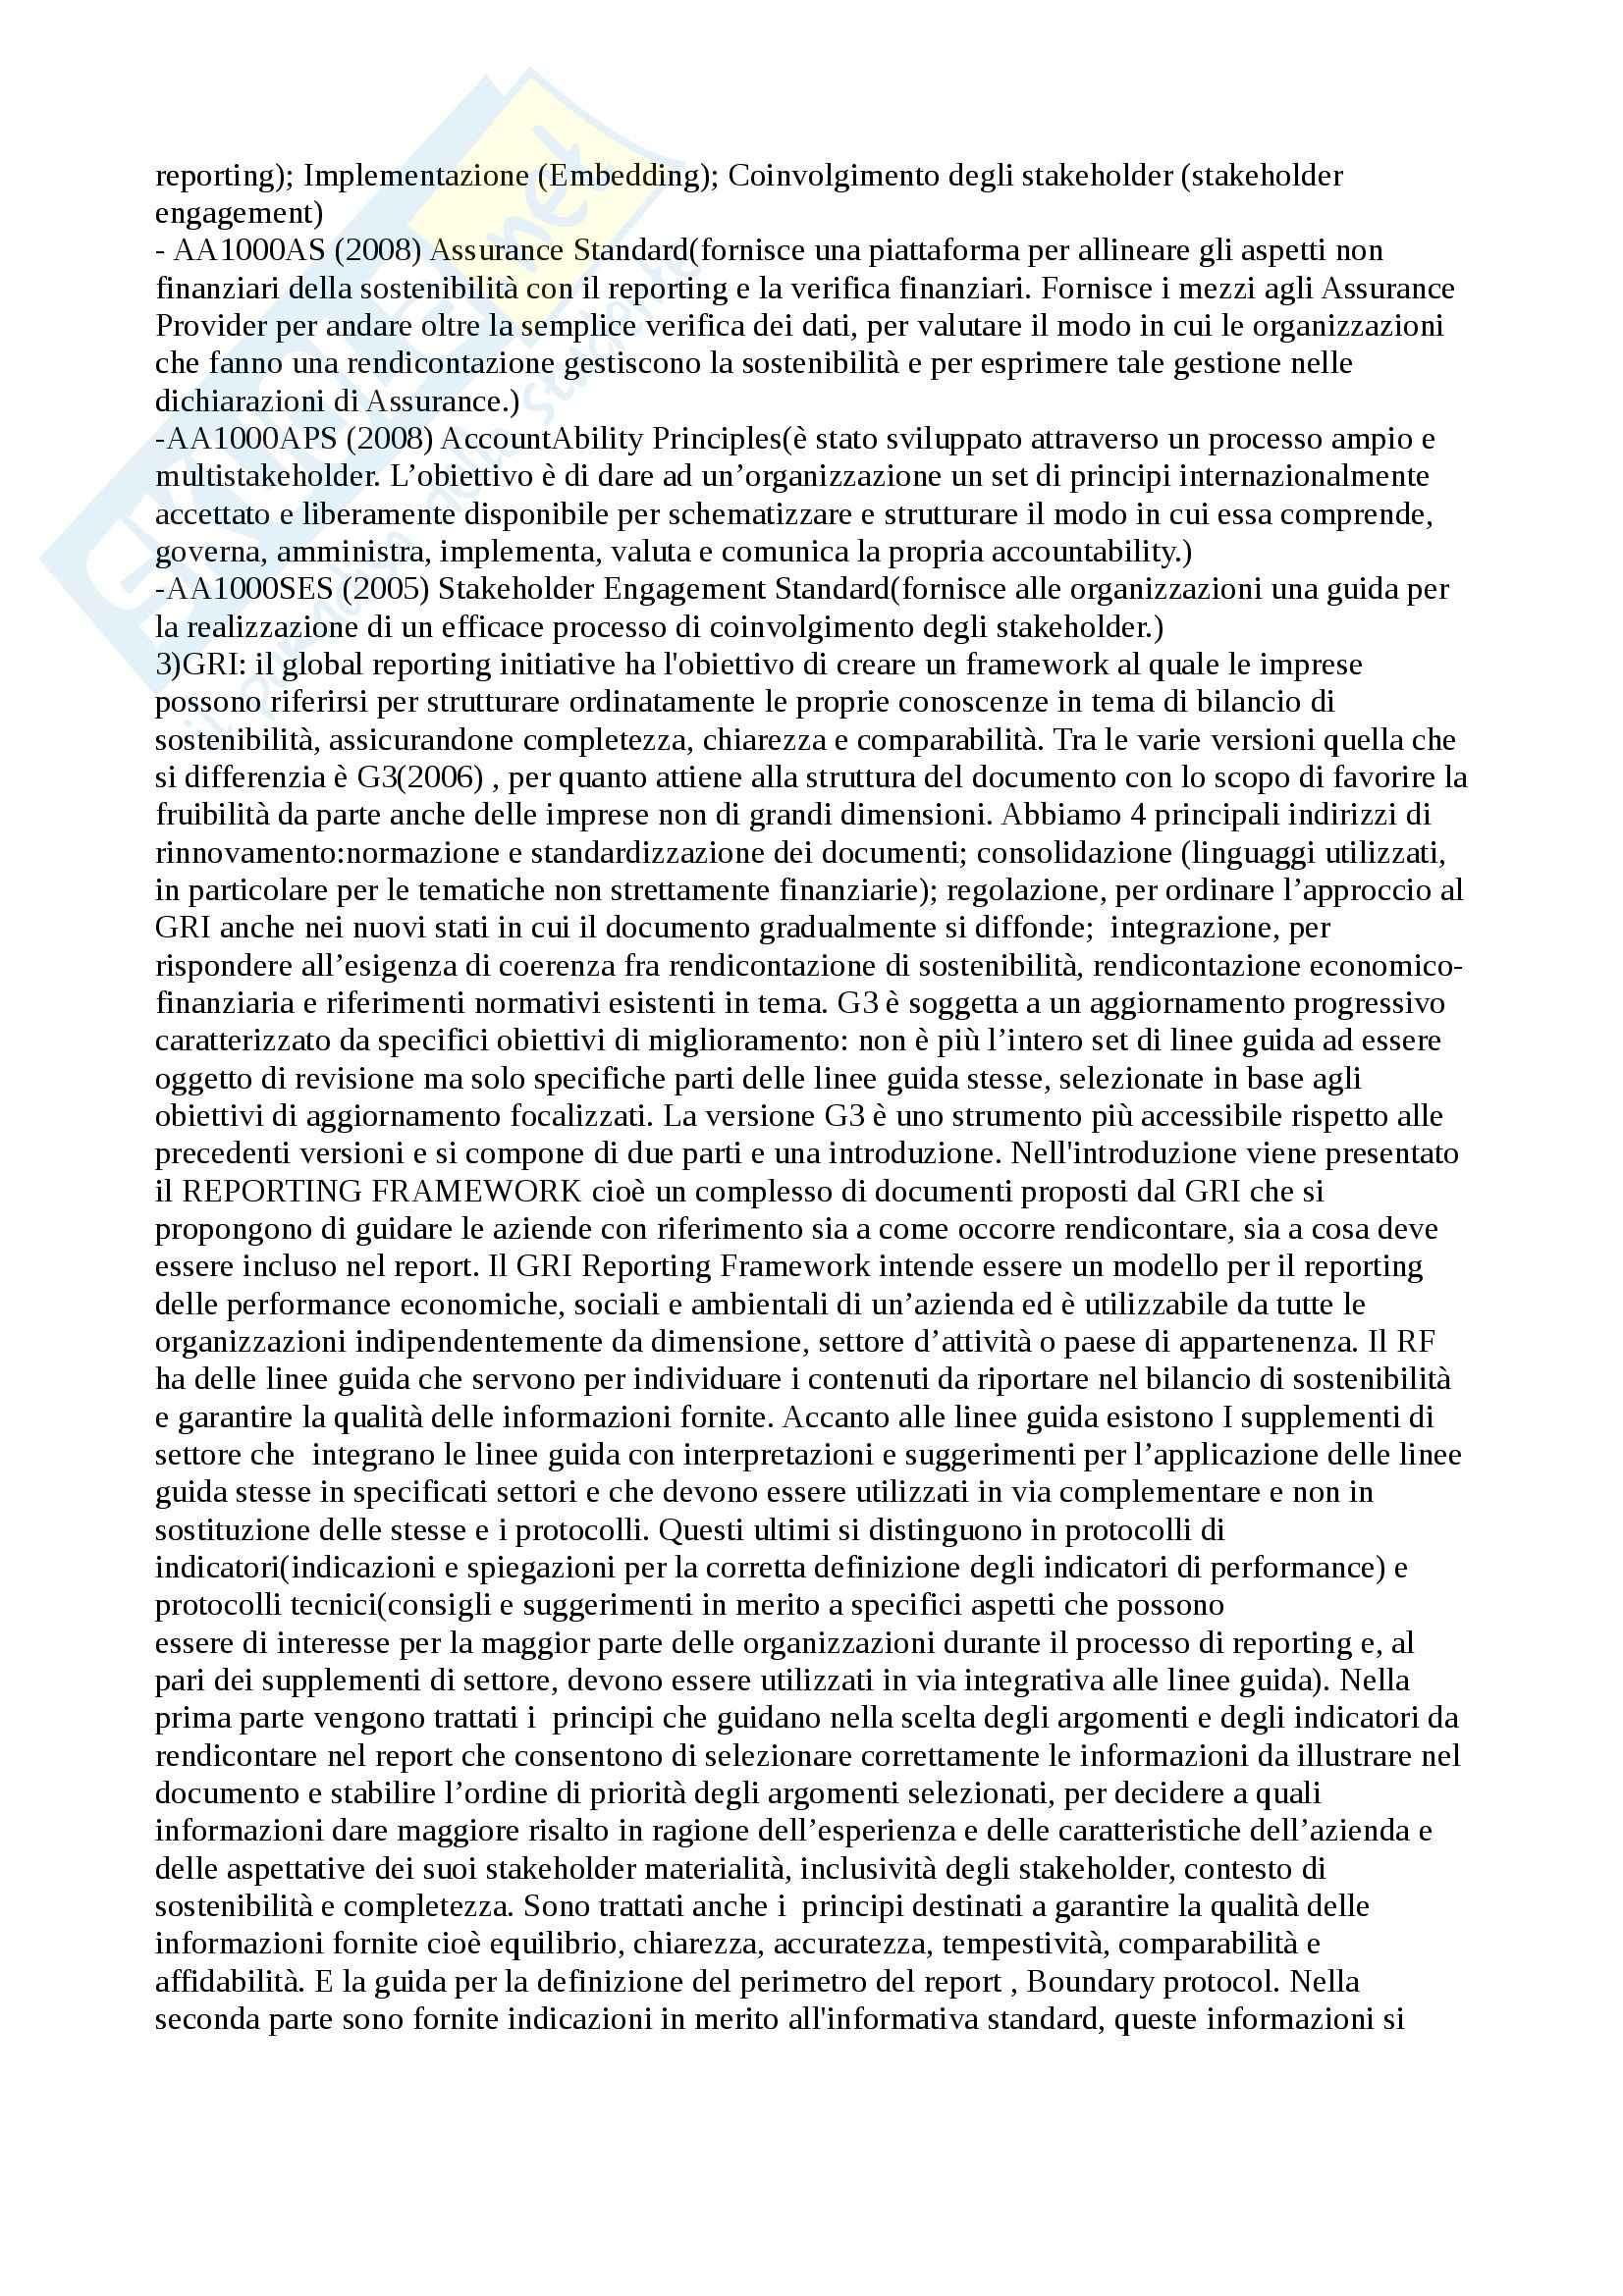 Riassunto esame responsabilita sociale d'impresa, prof. Furlotti, libro consigliato Strumenti e processi di comunicazione della responsabilità sociale d'impresa, Furlotti Pag. 21